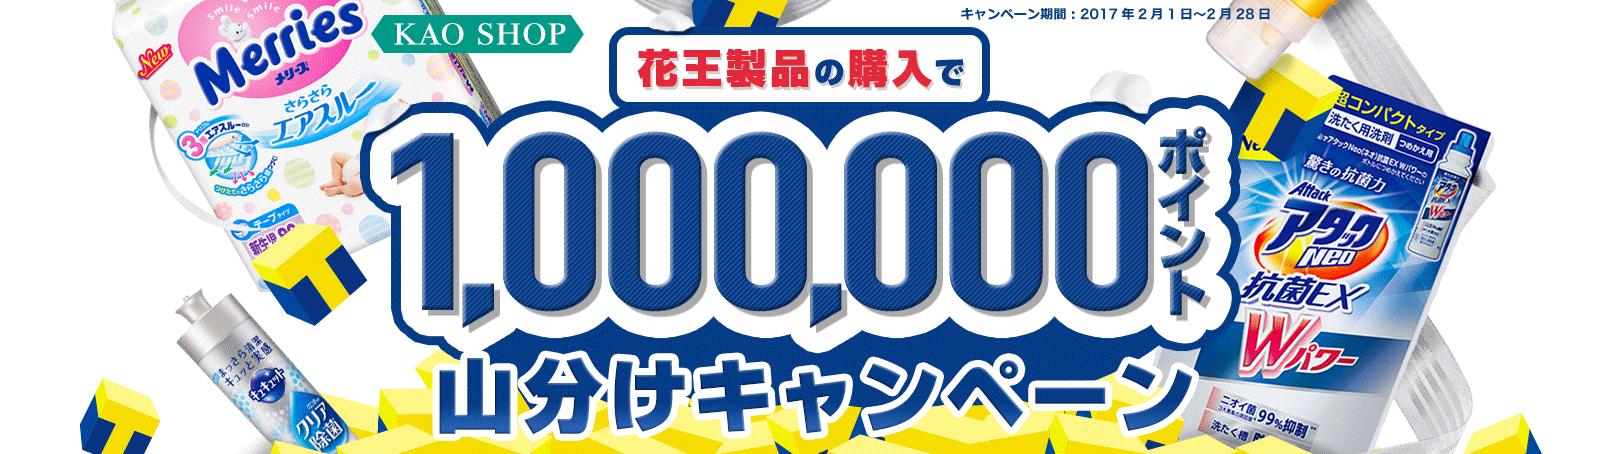 KAO SHOP オープン記念キャンペーン 花王製品の購入で100万ポイント山分けキャンペーン キャンペーン期間:2016年2月1日~2月29日